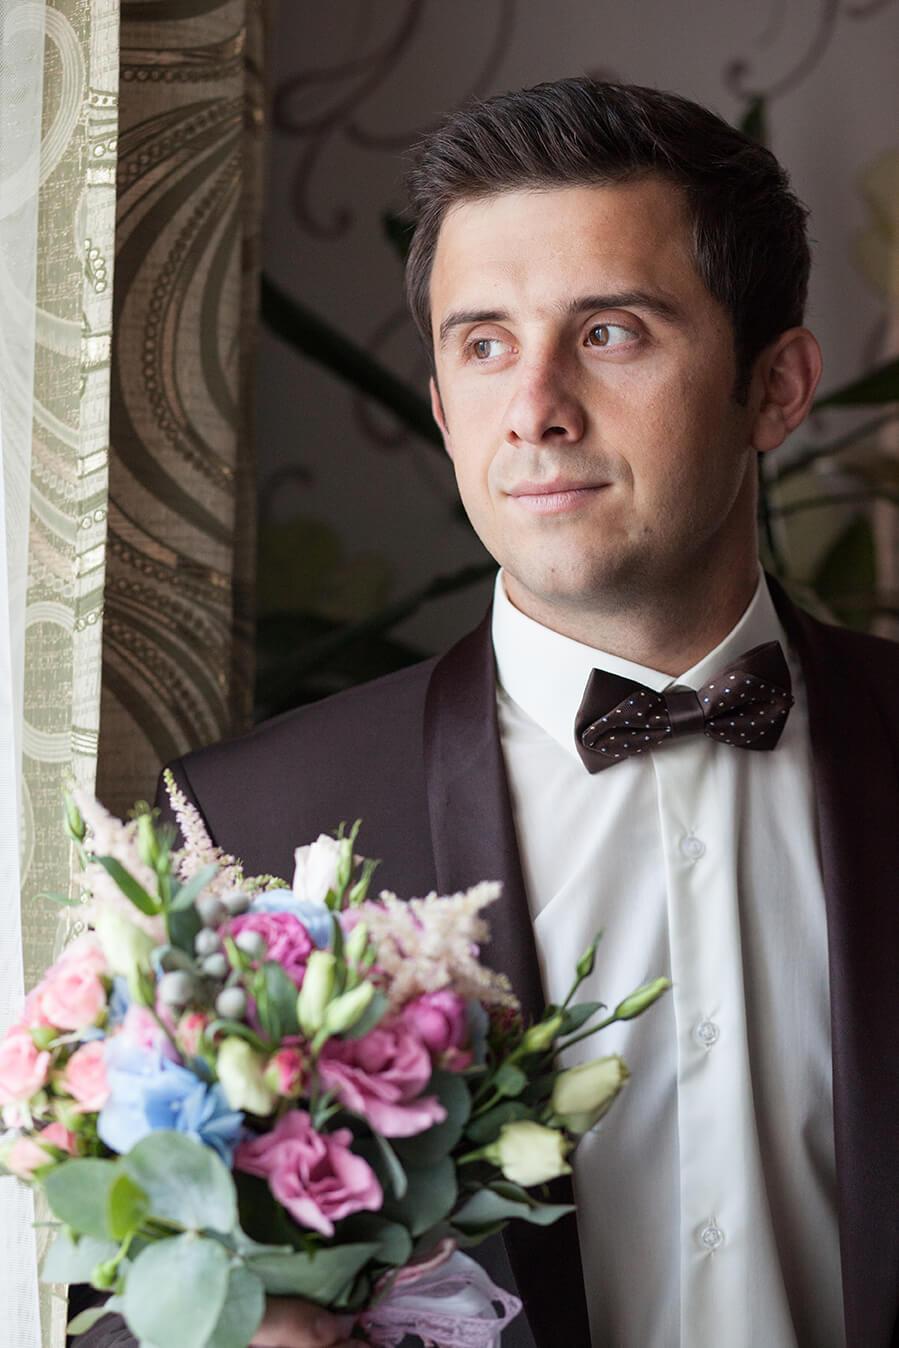 svadba-zhenih-foto-video-svadebnoe-utro-idei-13